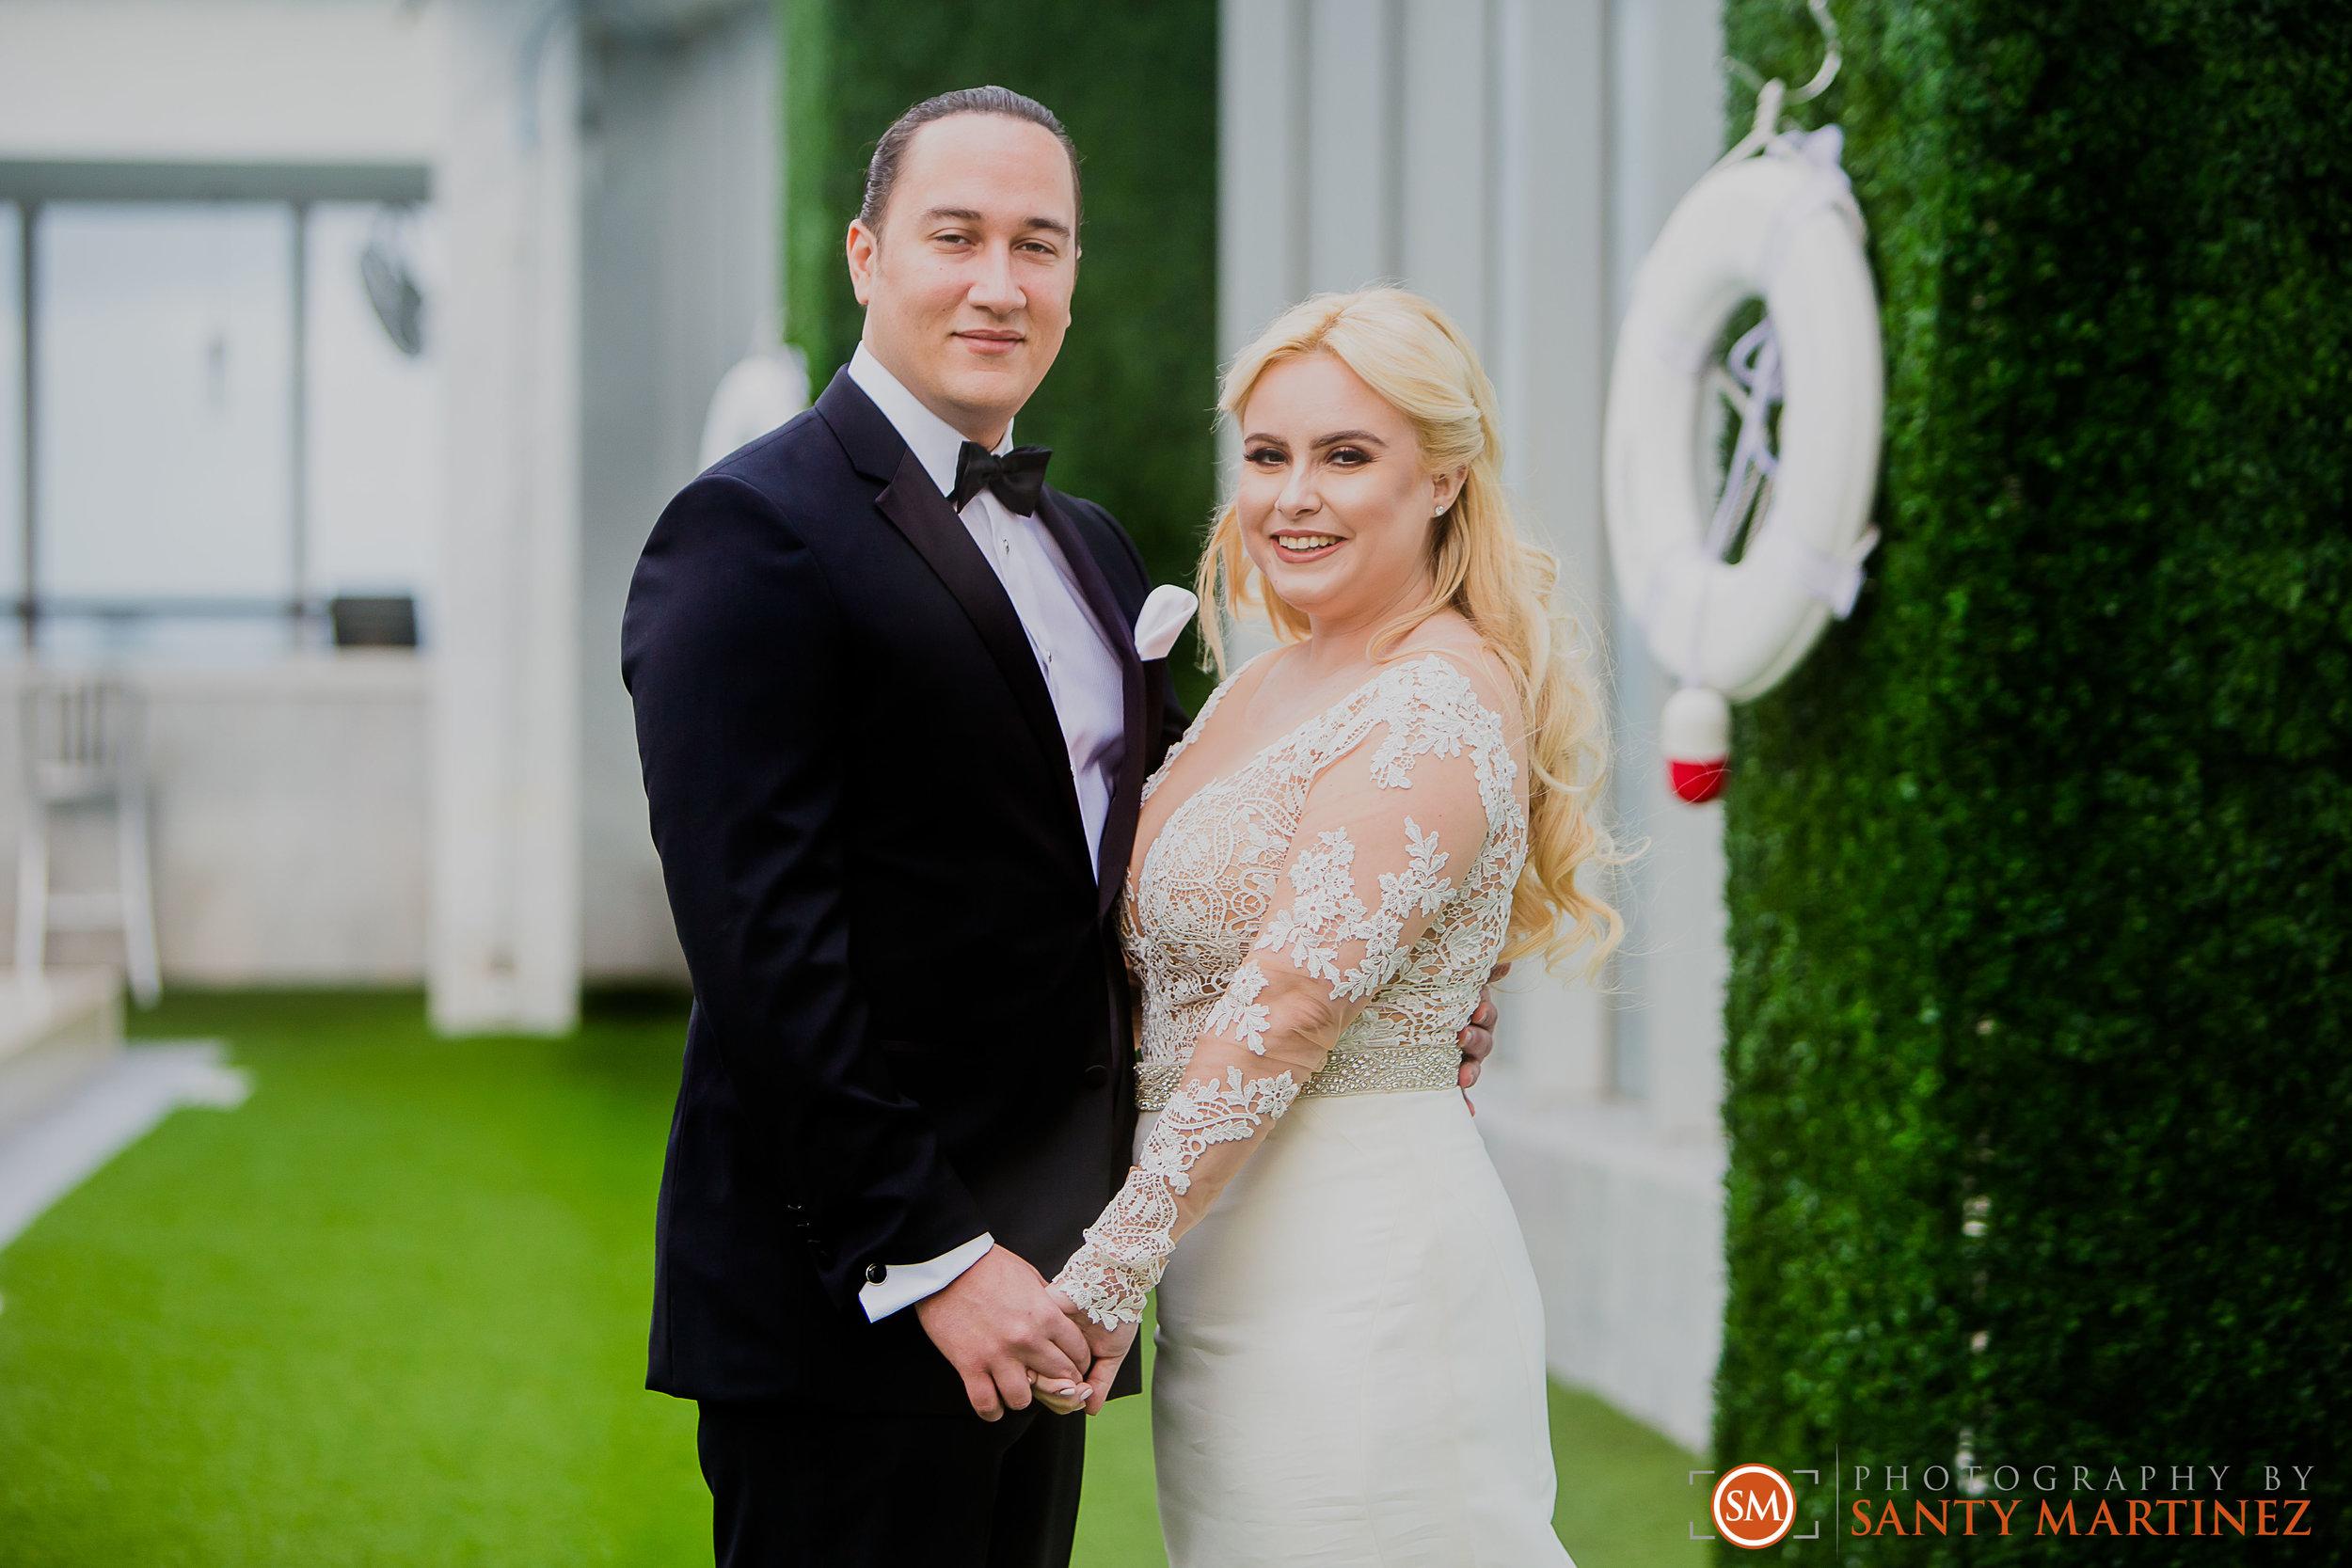 Wedding - W Hotel - St Patrick Miami Beach - Santy Martinez Photography-14.jpg